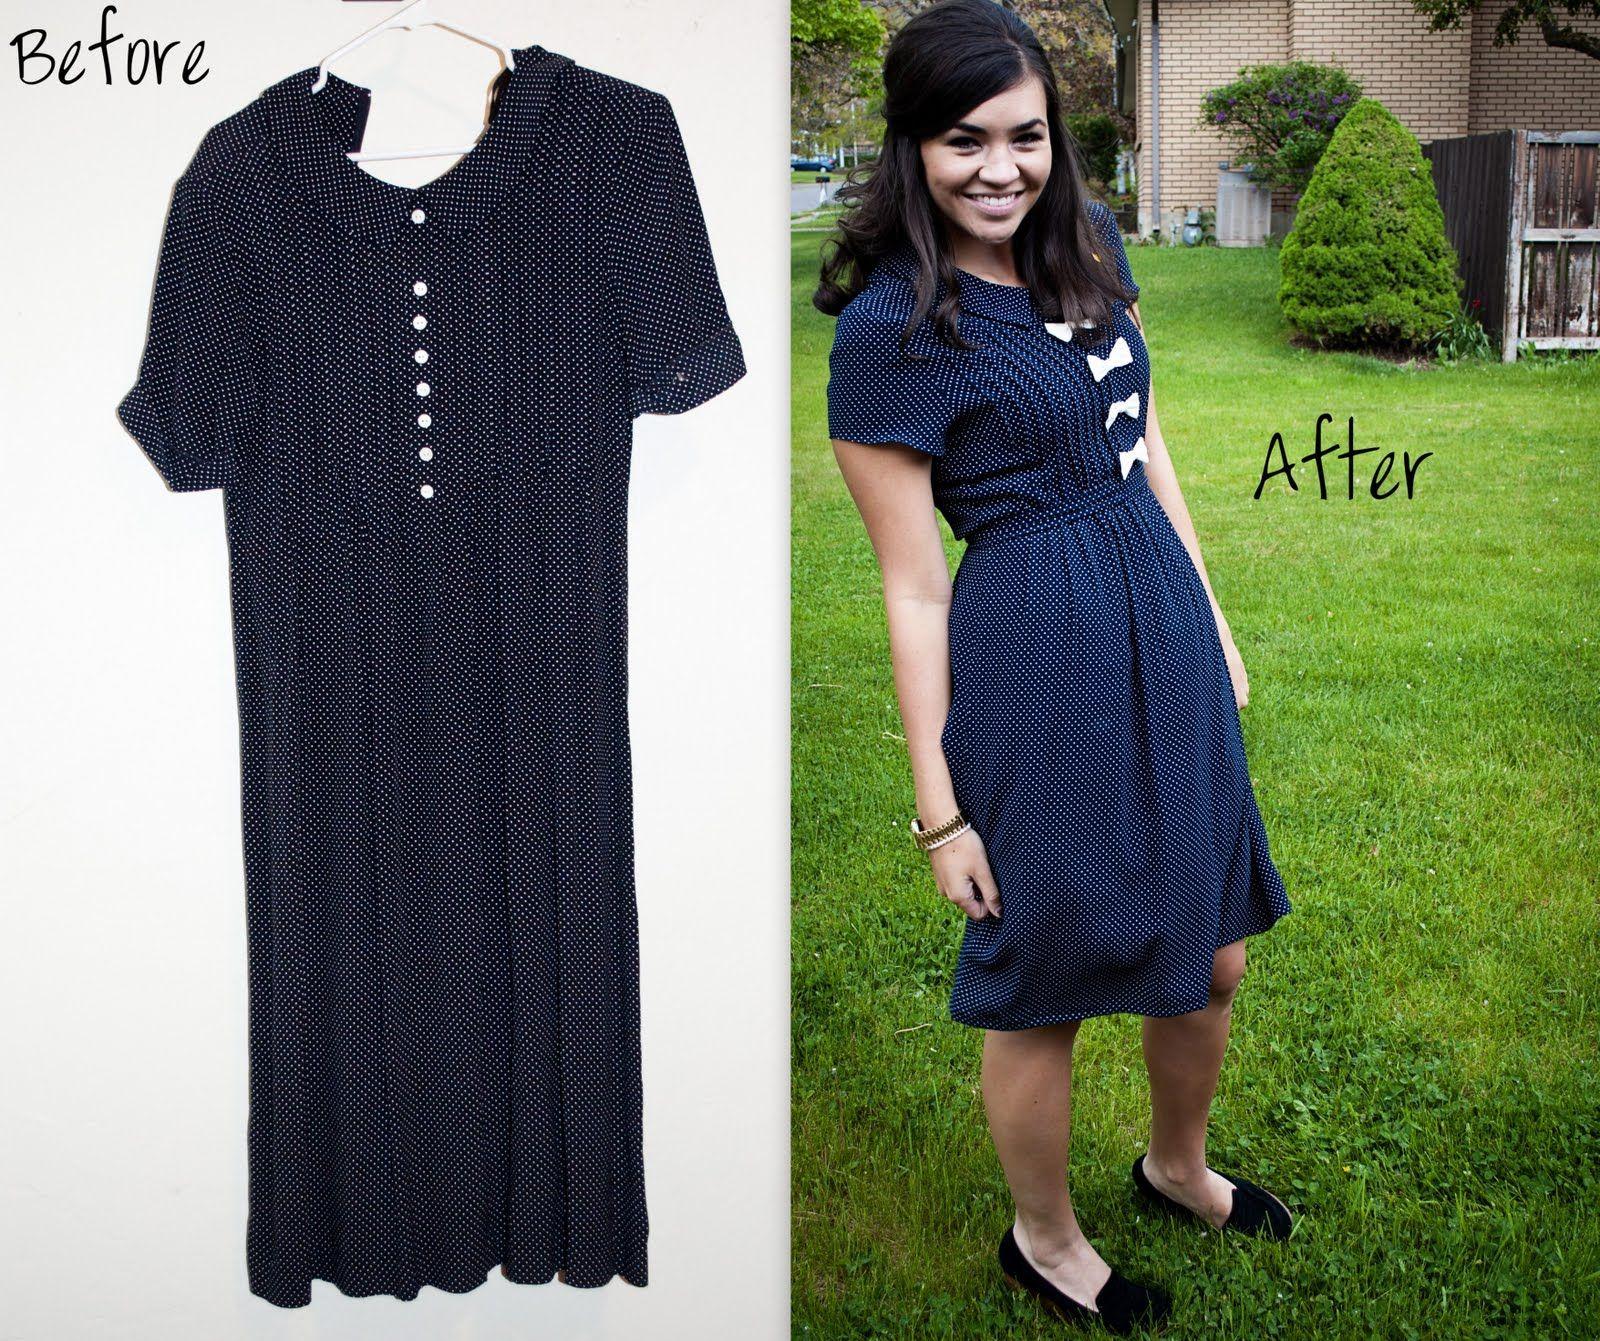 http://1.bp.blogspot.com/-oNxyJ0SvN4M/Tc9hoJxB_dI/AAAAAAAABY0/n8oYMhZiZK0/s1600/dressremake1.jpg